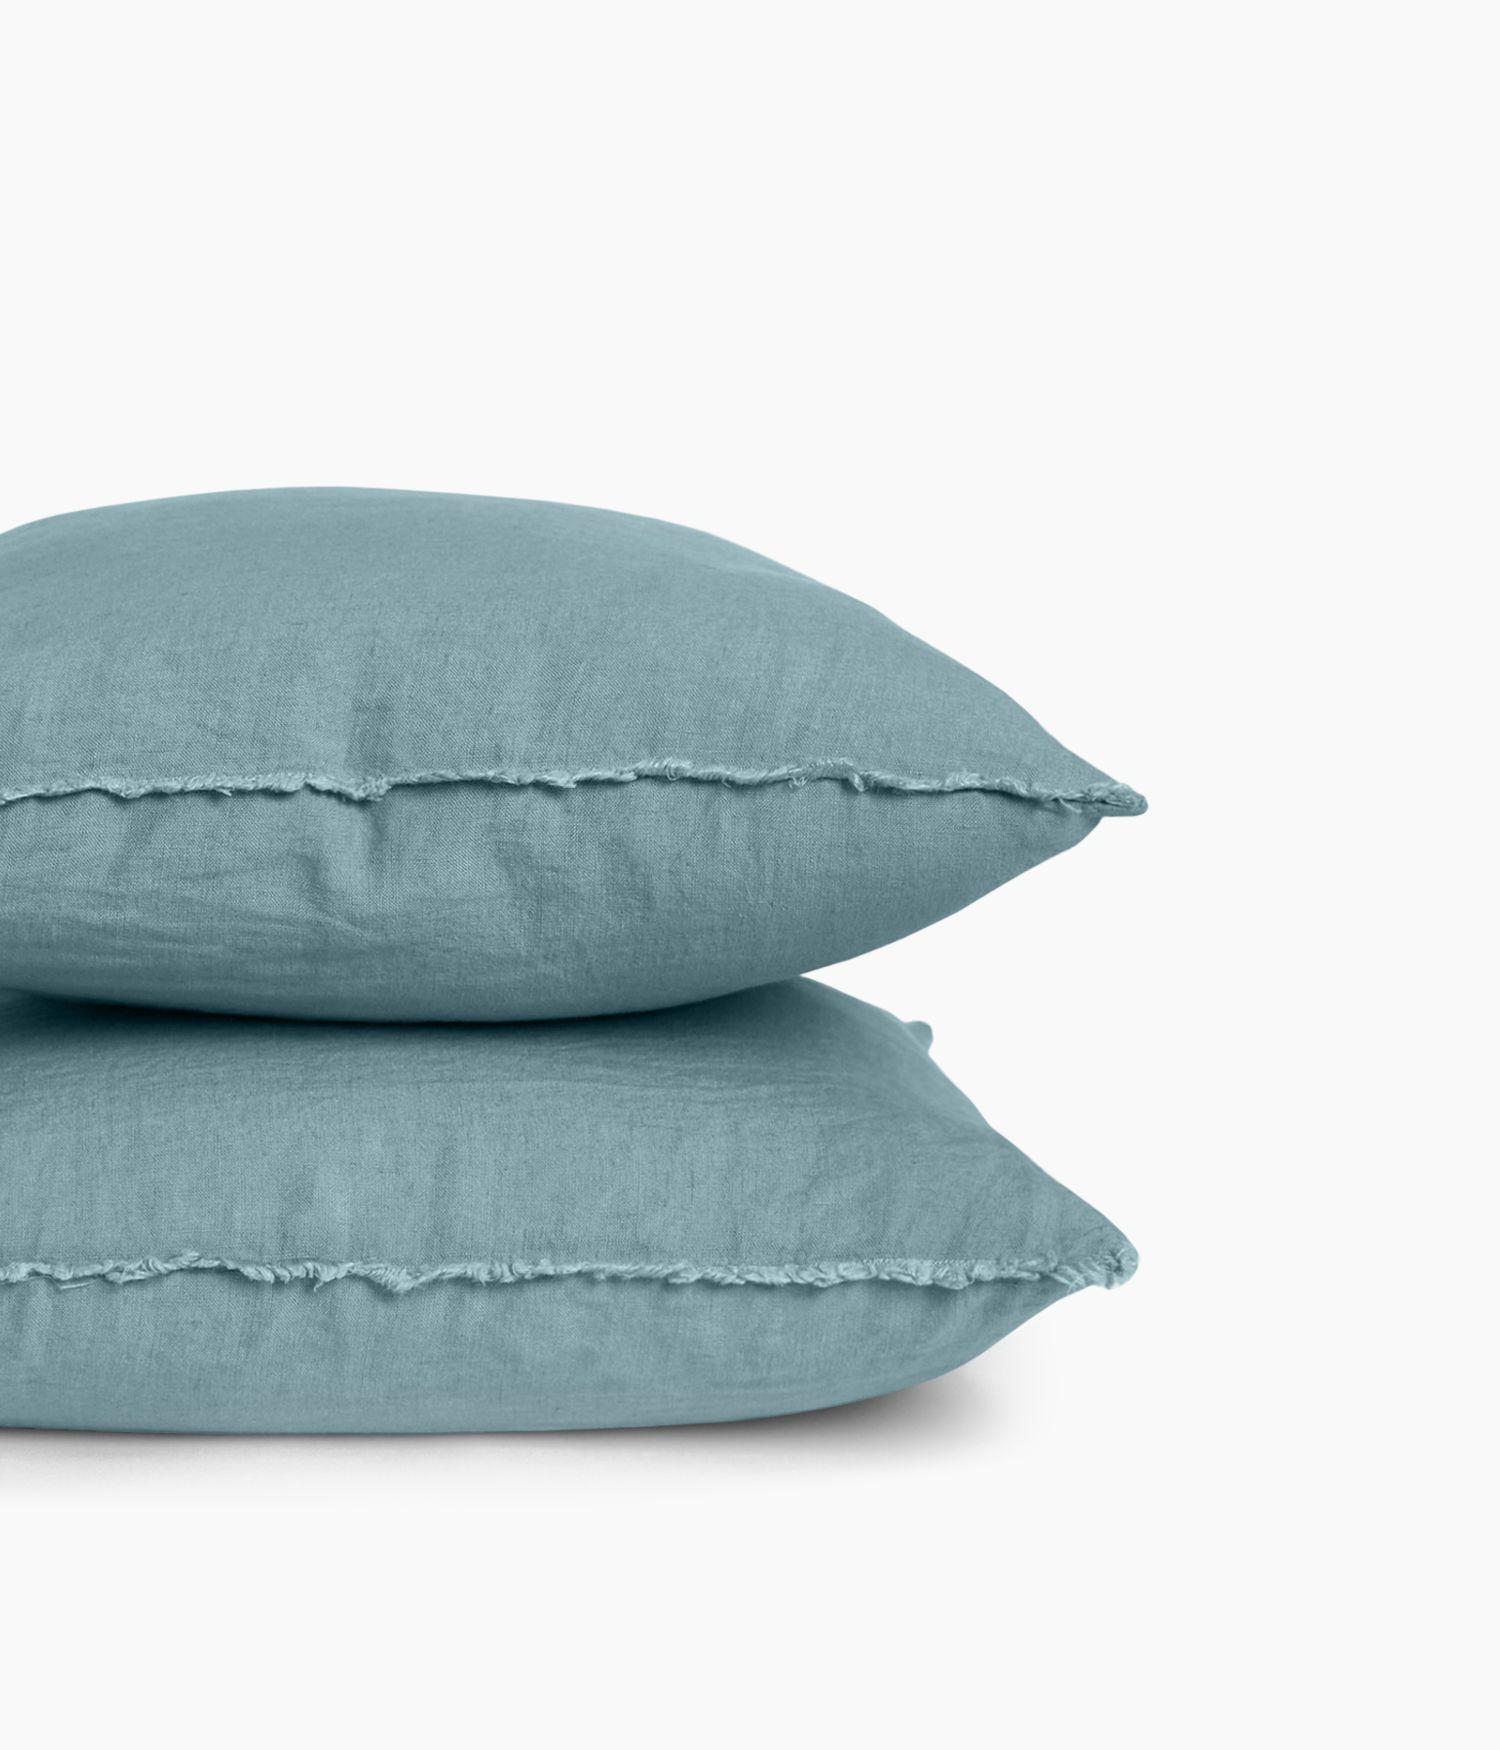 Housse de coussin 45 x 45 cm en Lin lavé - Bleu stone